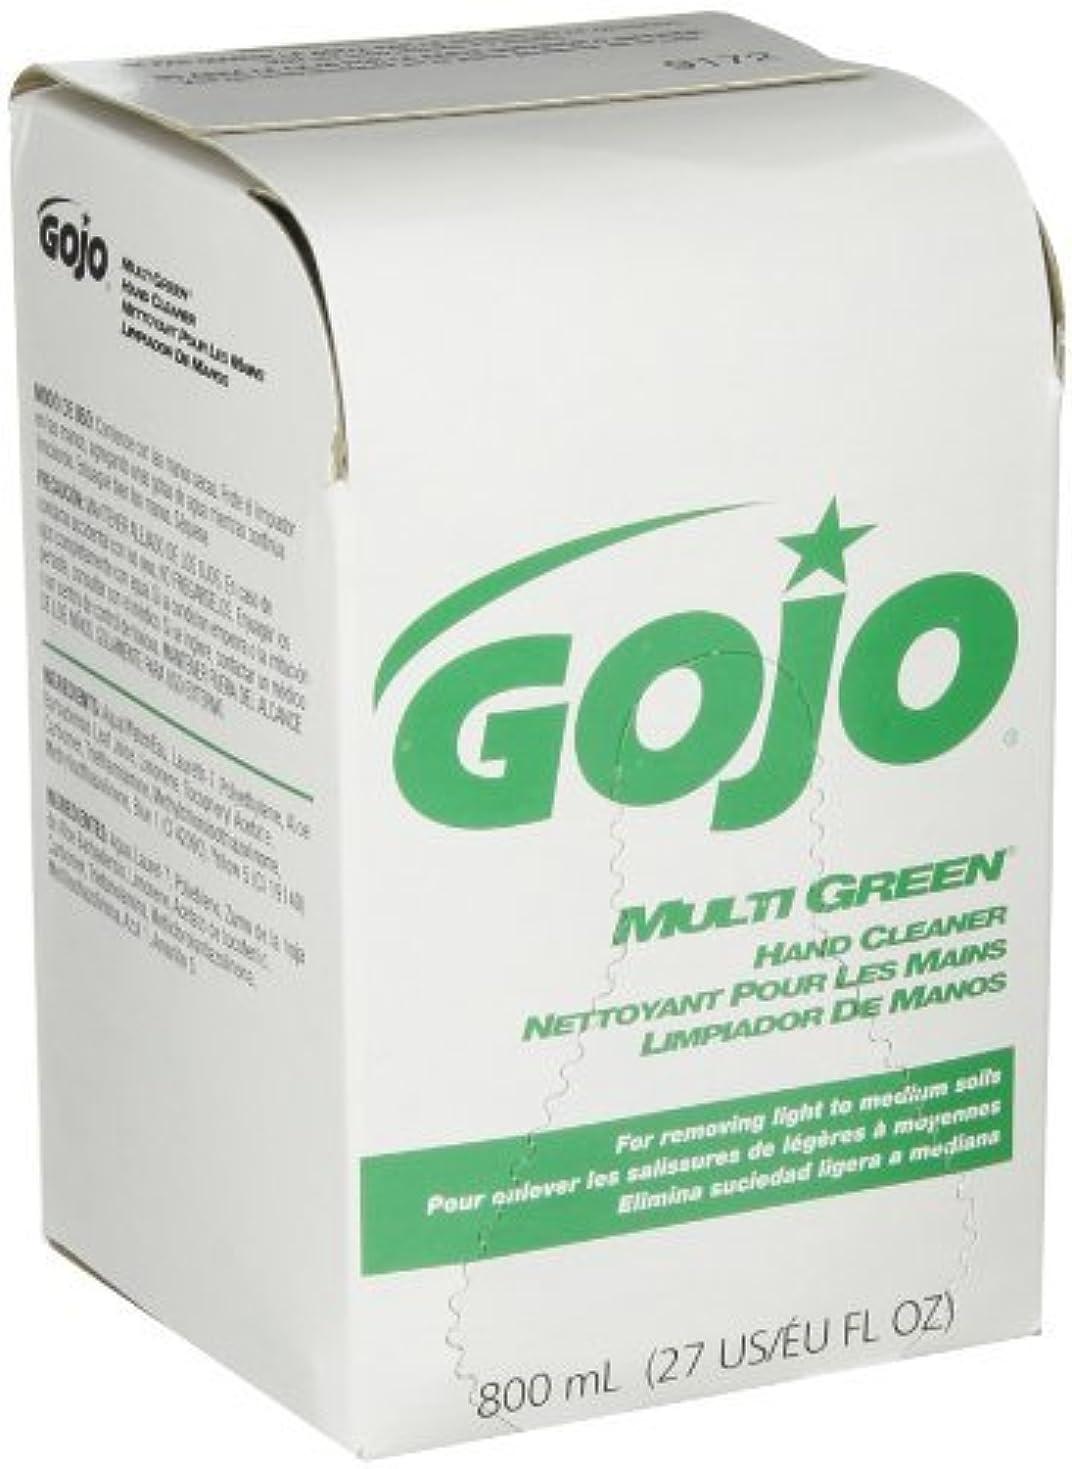 サービスリサイクルする余裕があるGOJO 800 Series MULTI GREEN Hand Cleaner,with Natural Pumice Scrubbers,800 mL Hand Cleaner Refill for 800 Series...